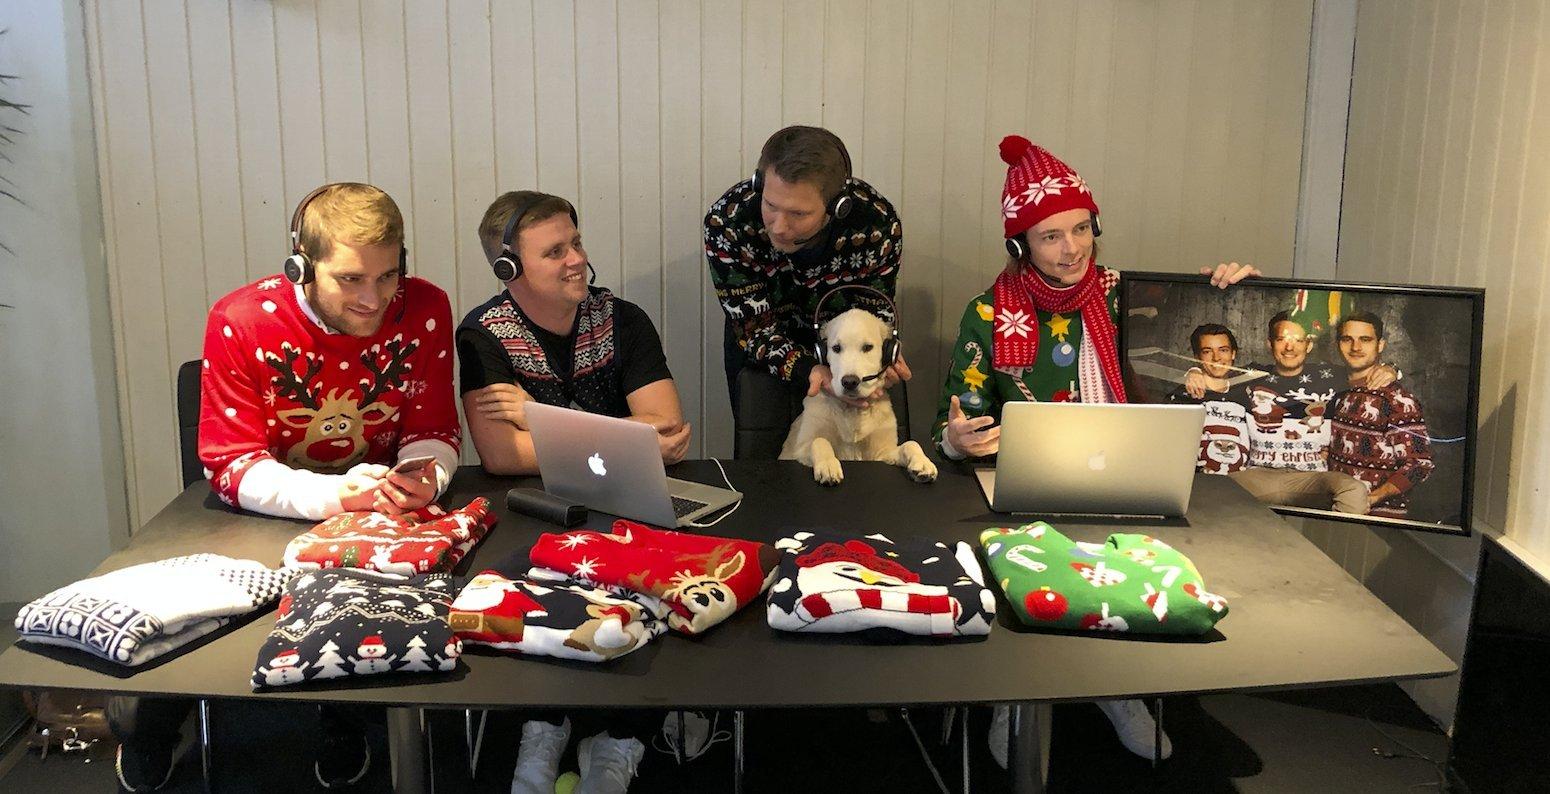 Jule-Sweater tteamet i fuld ganf med at forsyne danskerne med hyggelige sweatre